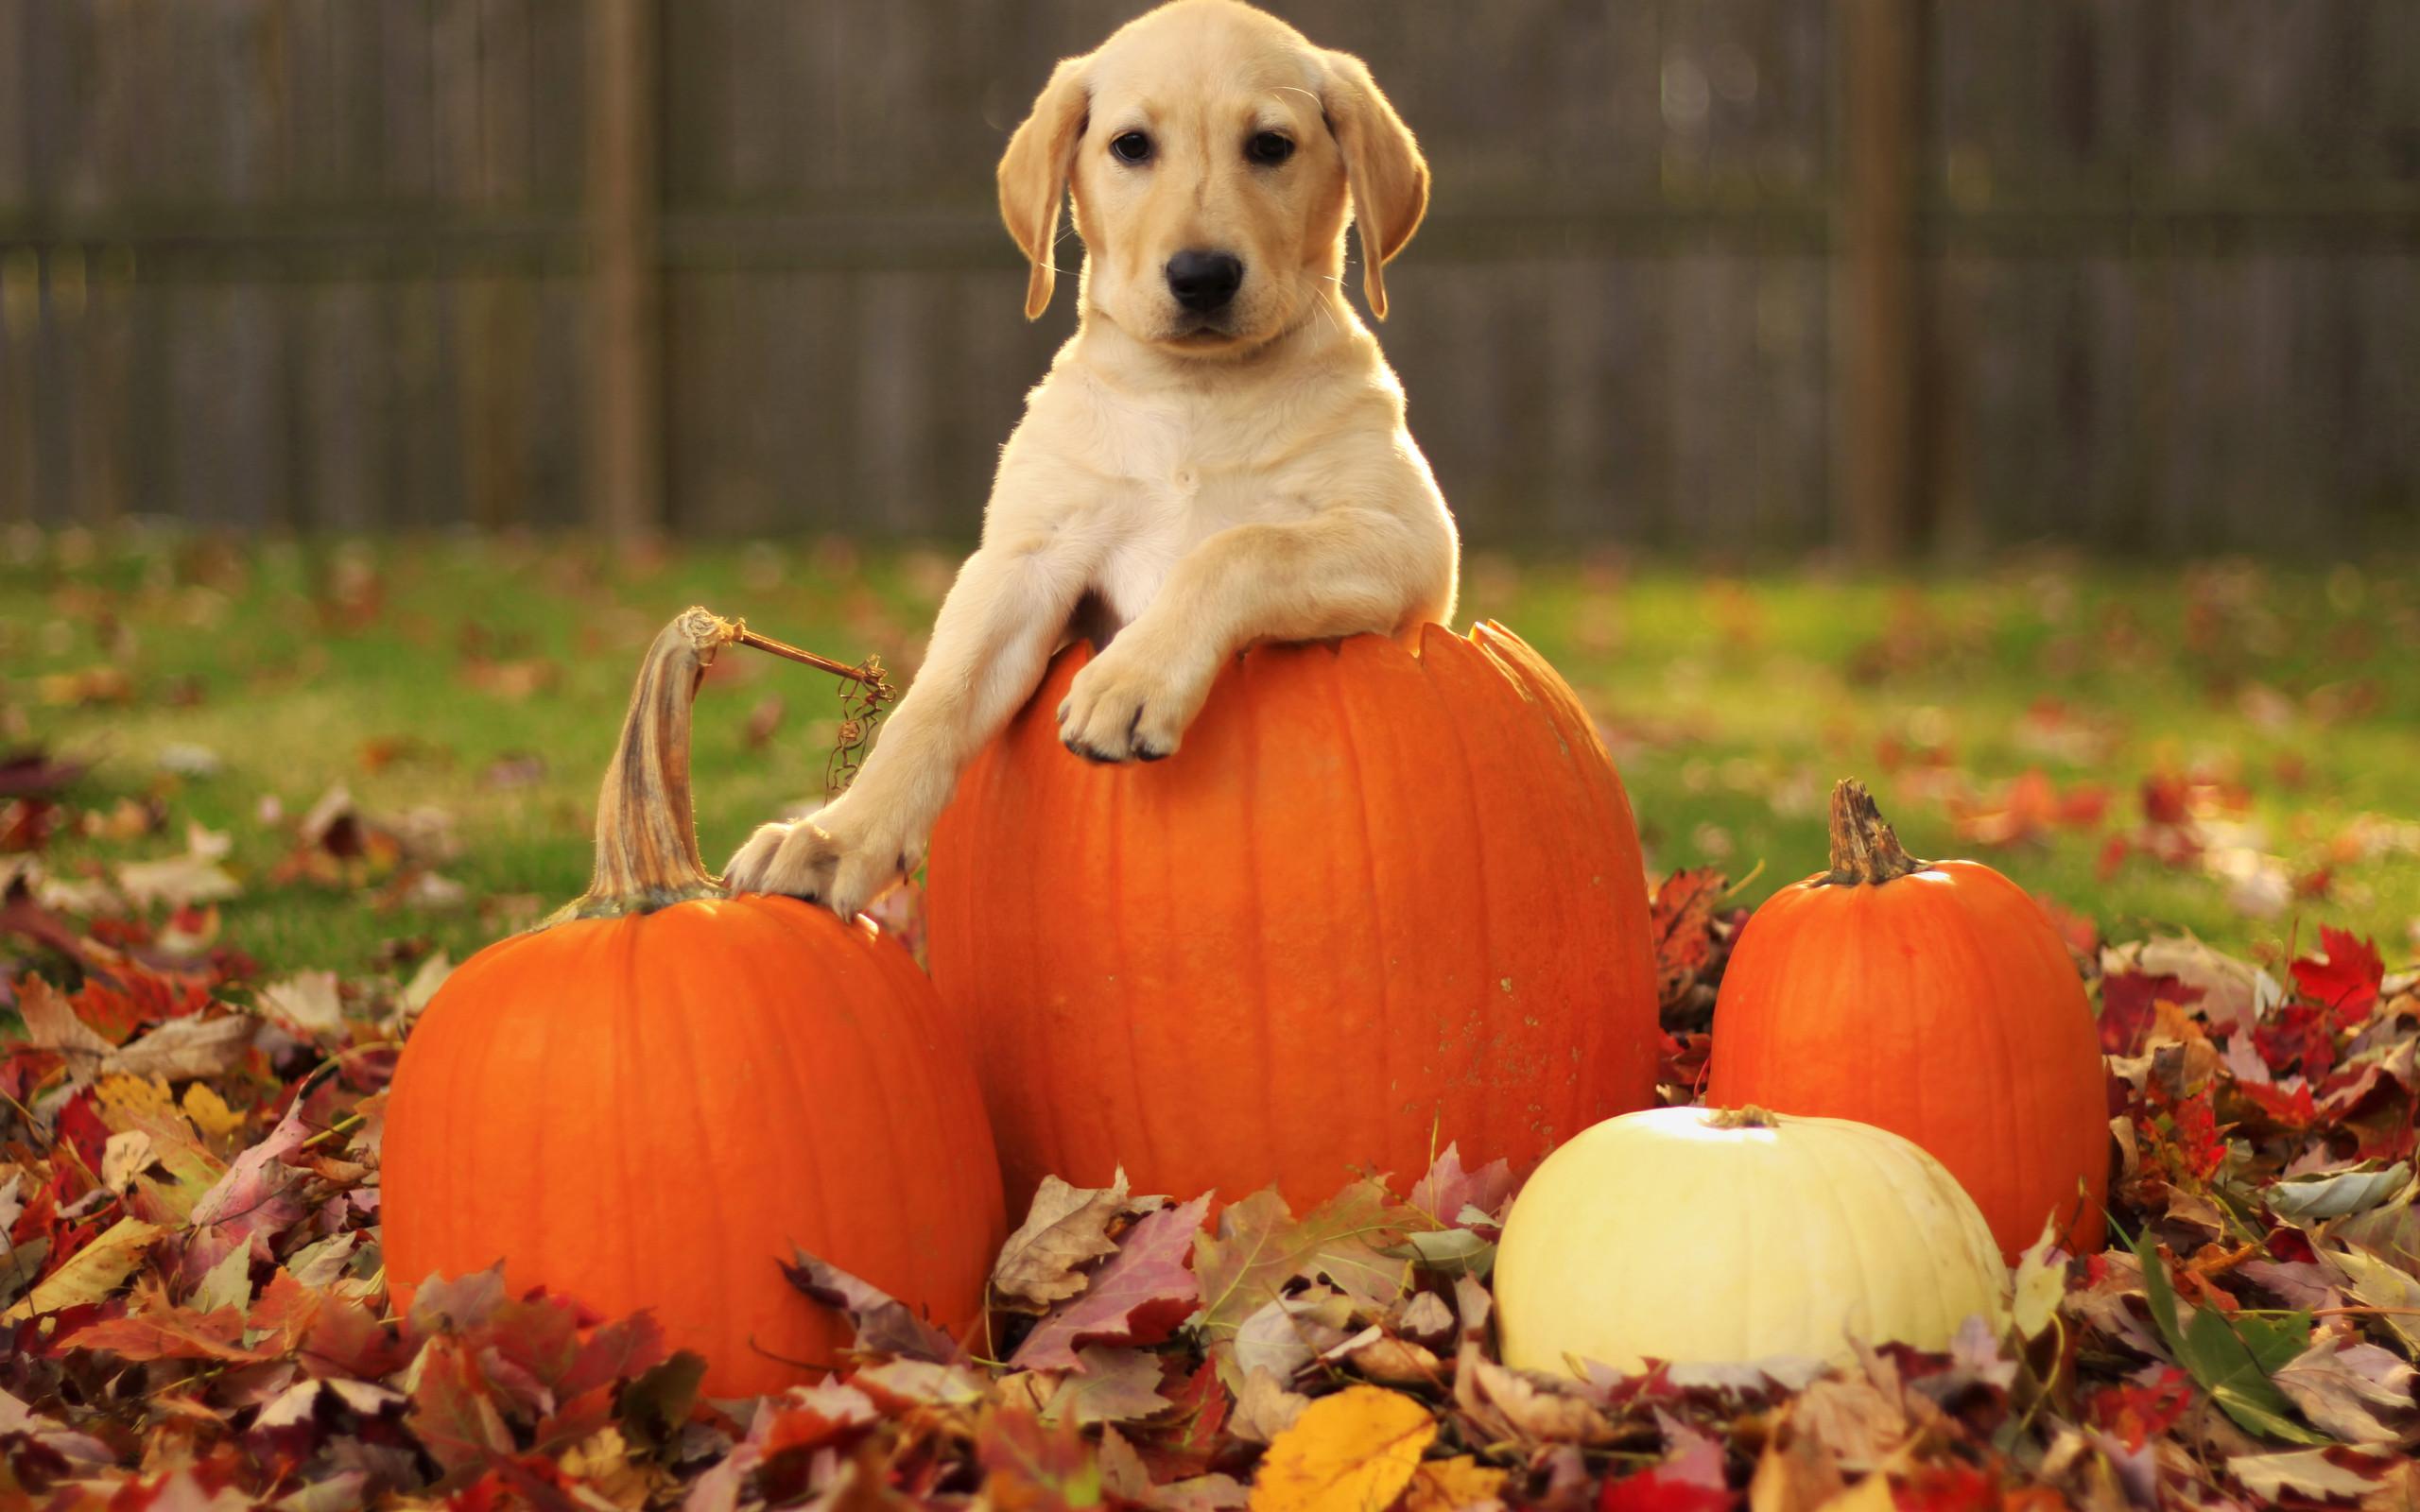 Cute Puppy With Halloween Pumpkin Autumn Wallpaper Wallpaper